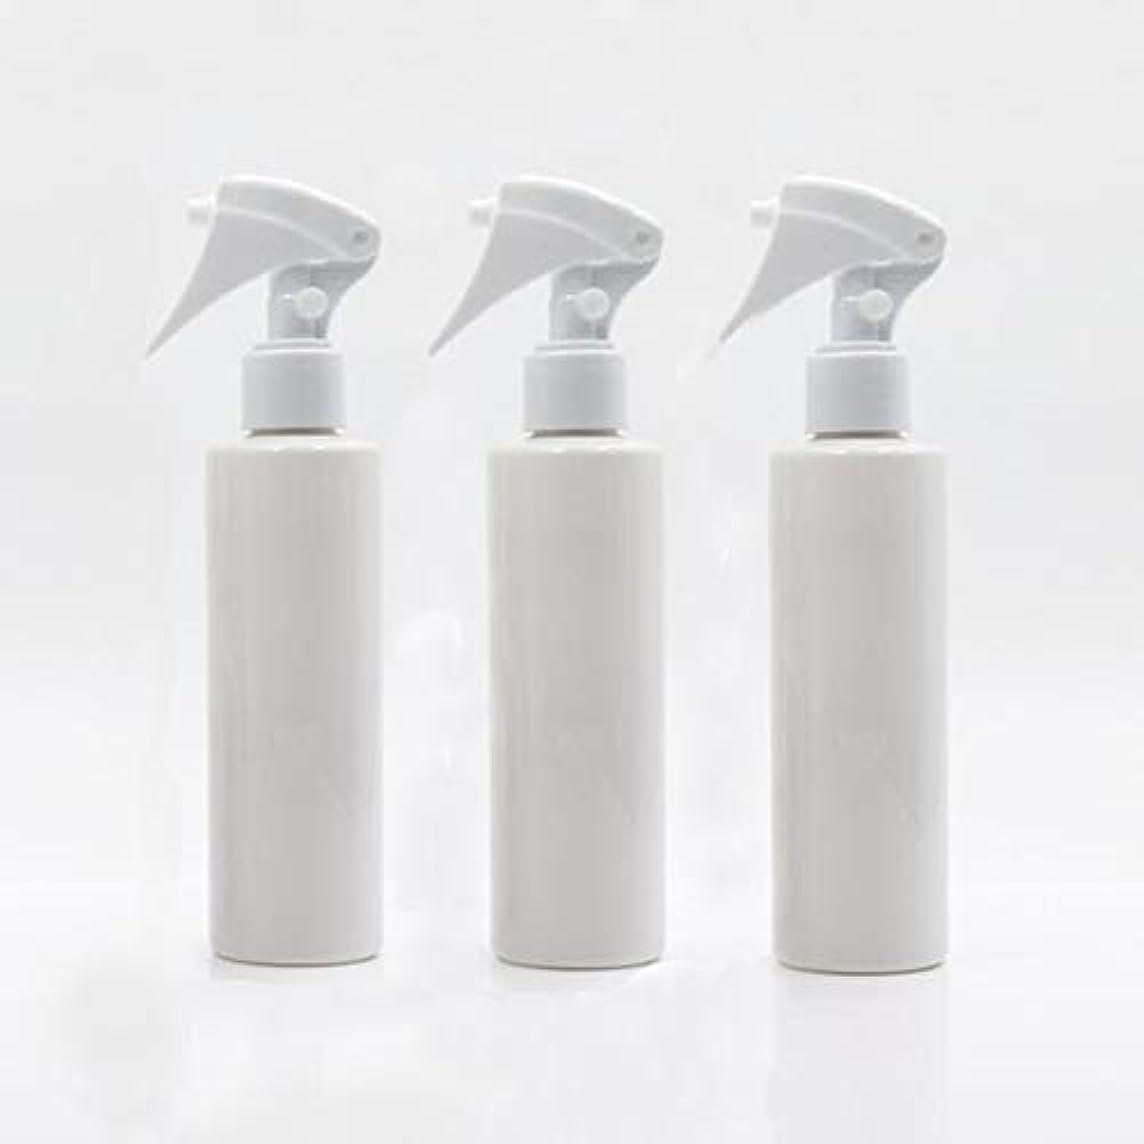 ランデブー個人的な抑制するHomewineasy 極細のミストを噴霧する スプレーボトル 詰め替え容器 200ml 3本セット (ホワイト)